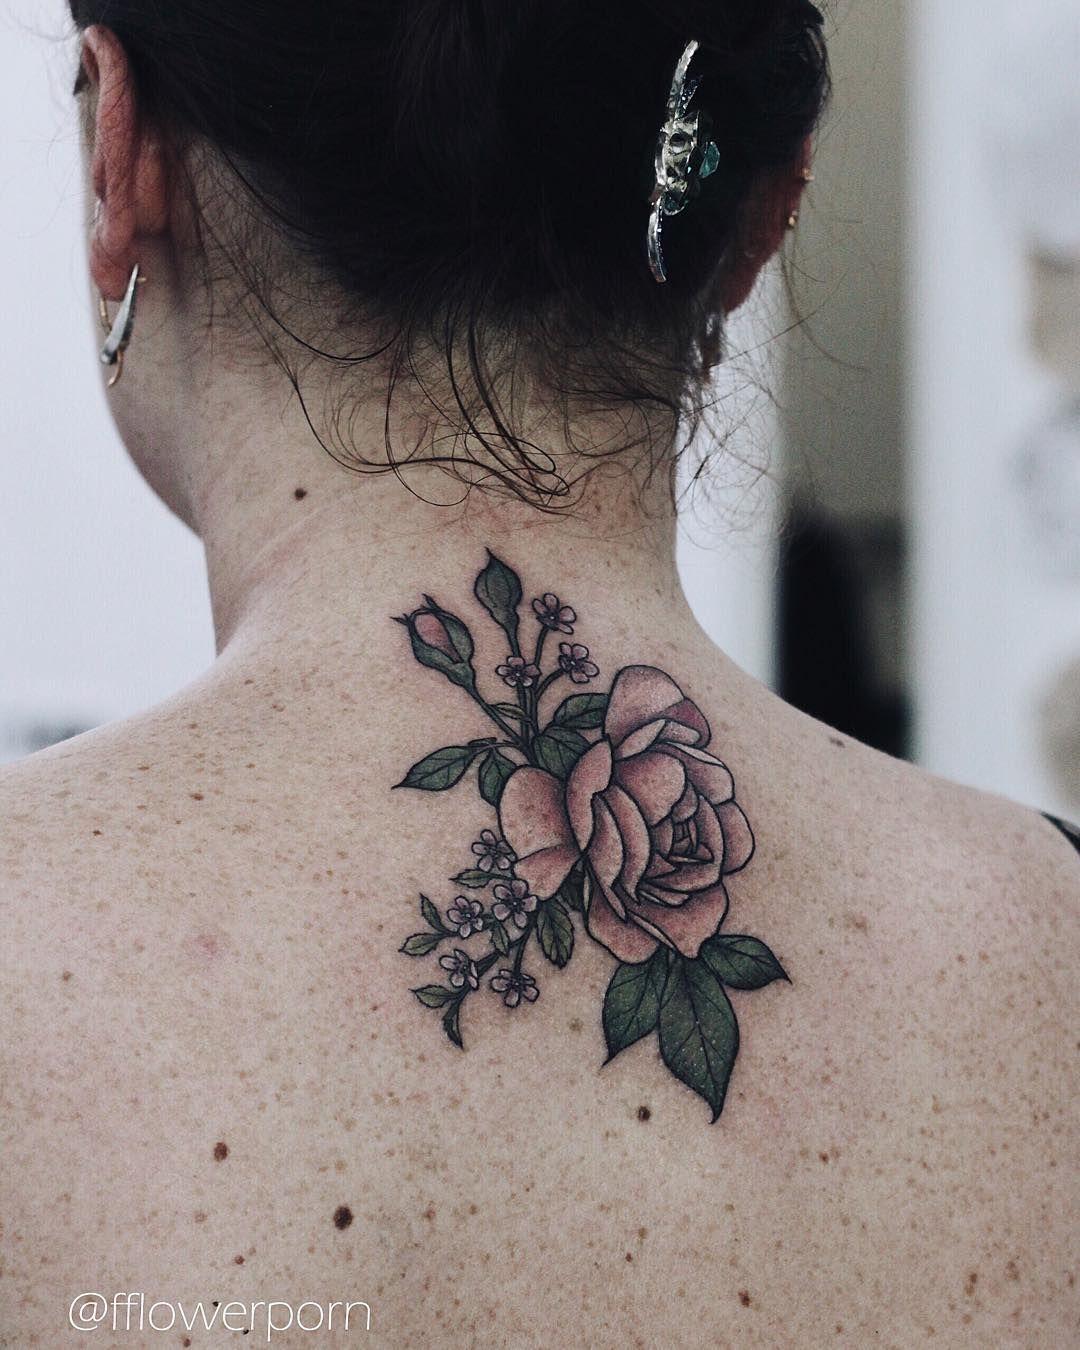 #tattoo #tattoos #ink #inked #tattooed #tattooist #design #flower #flowers #nature #plants #botanical #tattooistartmagazine #tatrussia #tattoodo #toptattooartists #thebesttattooartists #skinartmag #tattoscute #tattoo_art_worldwide